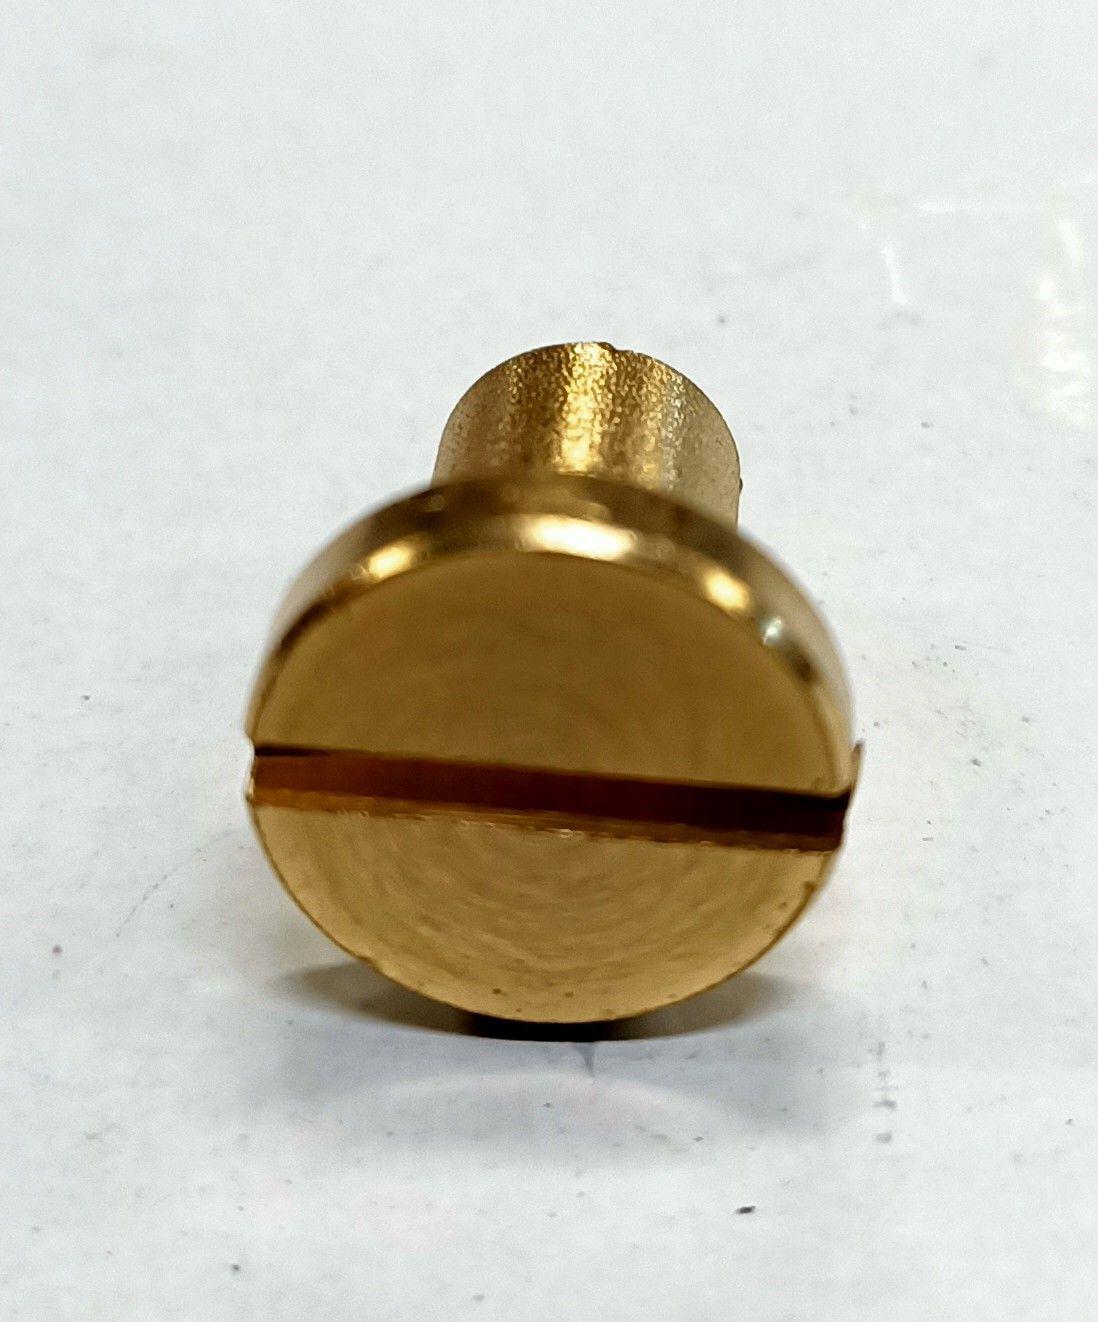 Dado cieco ottone cilindrico filetto mm  6 testa piana taglio cacciavite